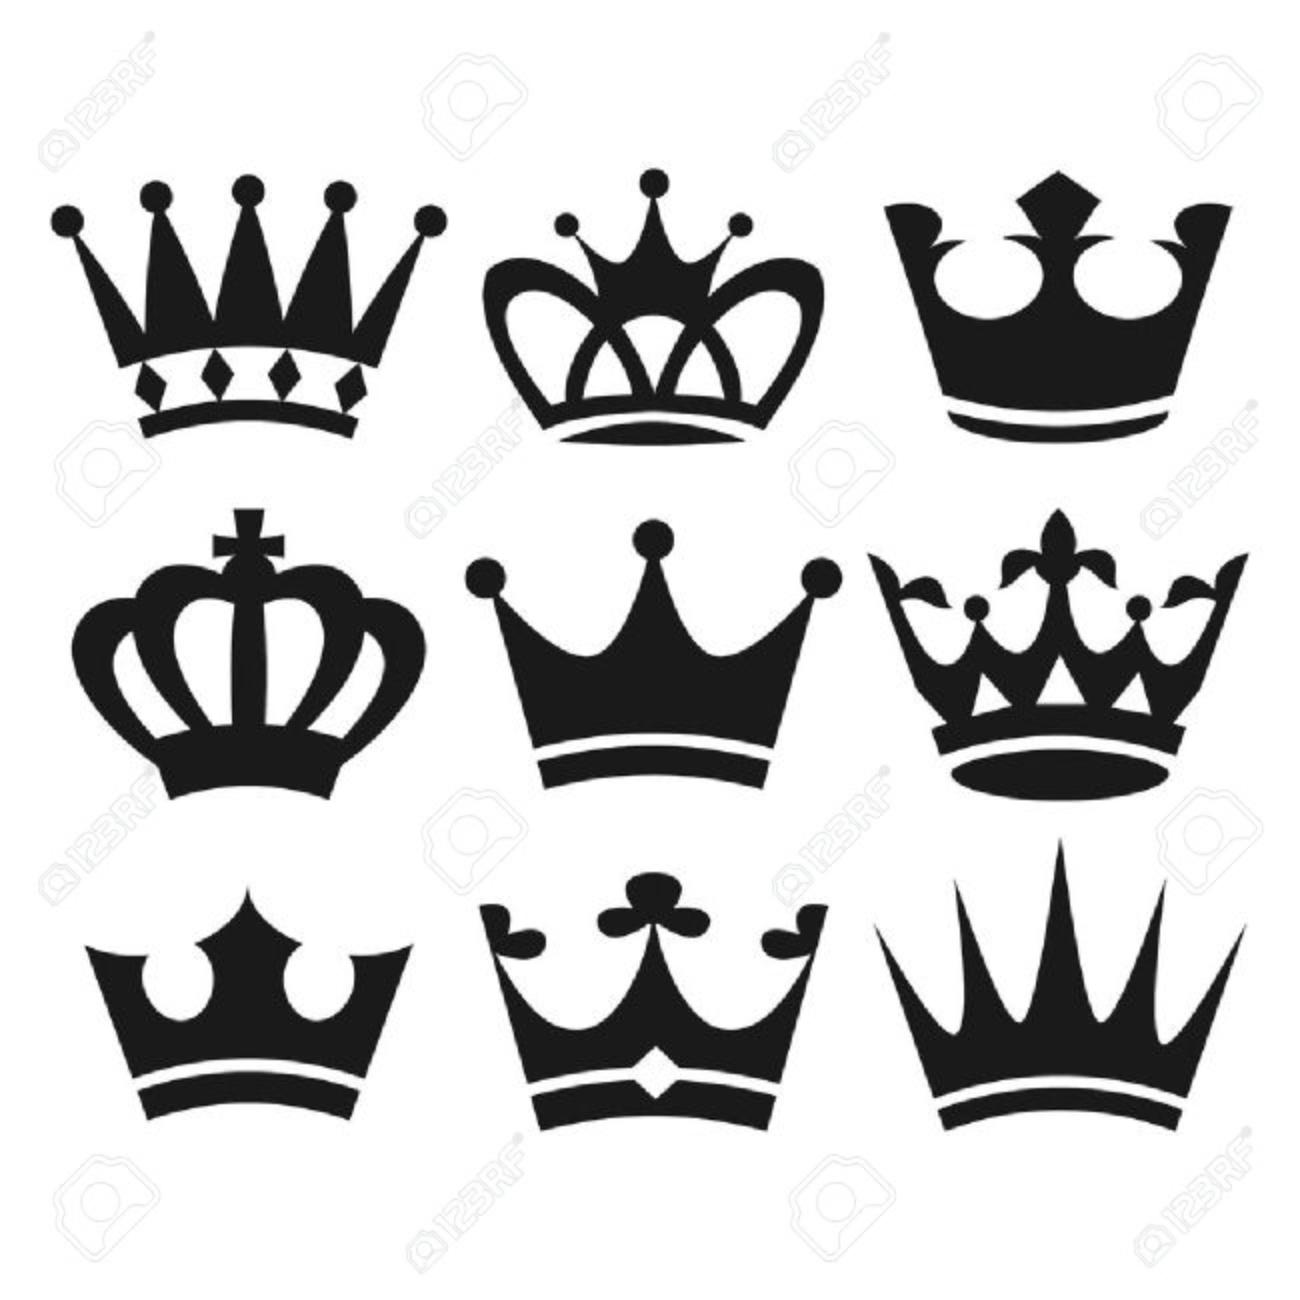 корона нарисованная фото